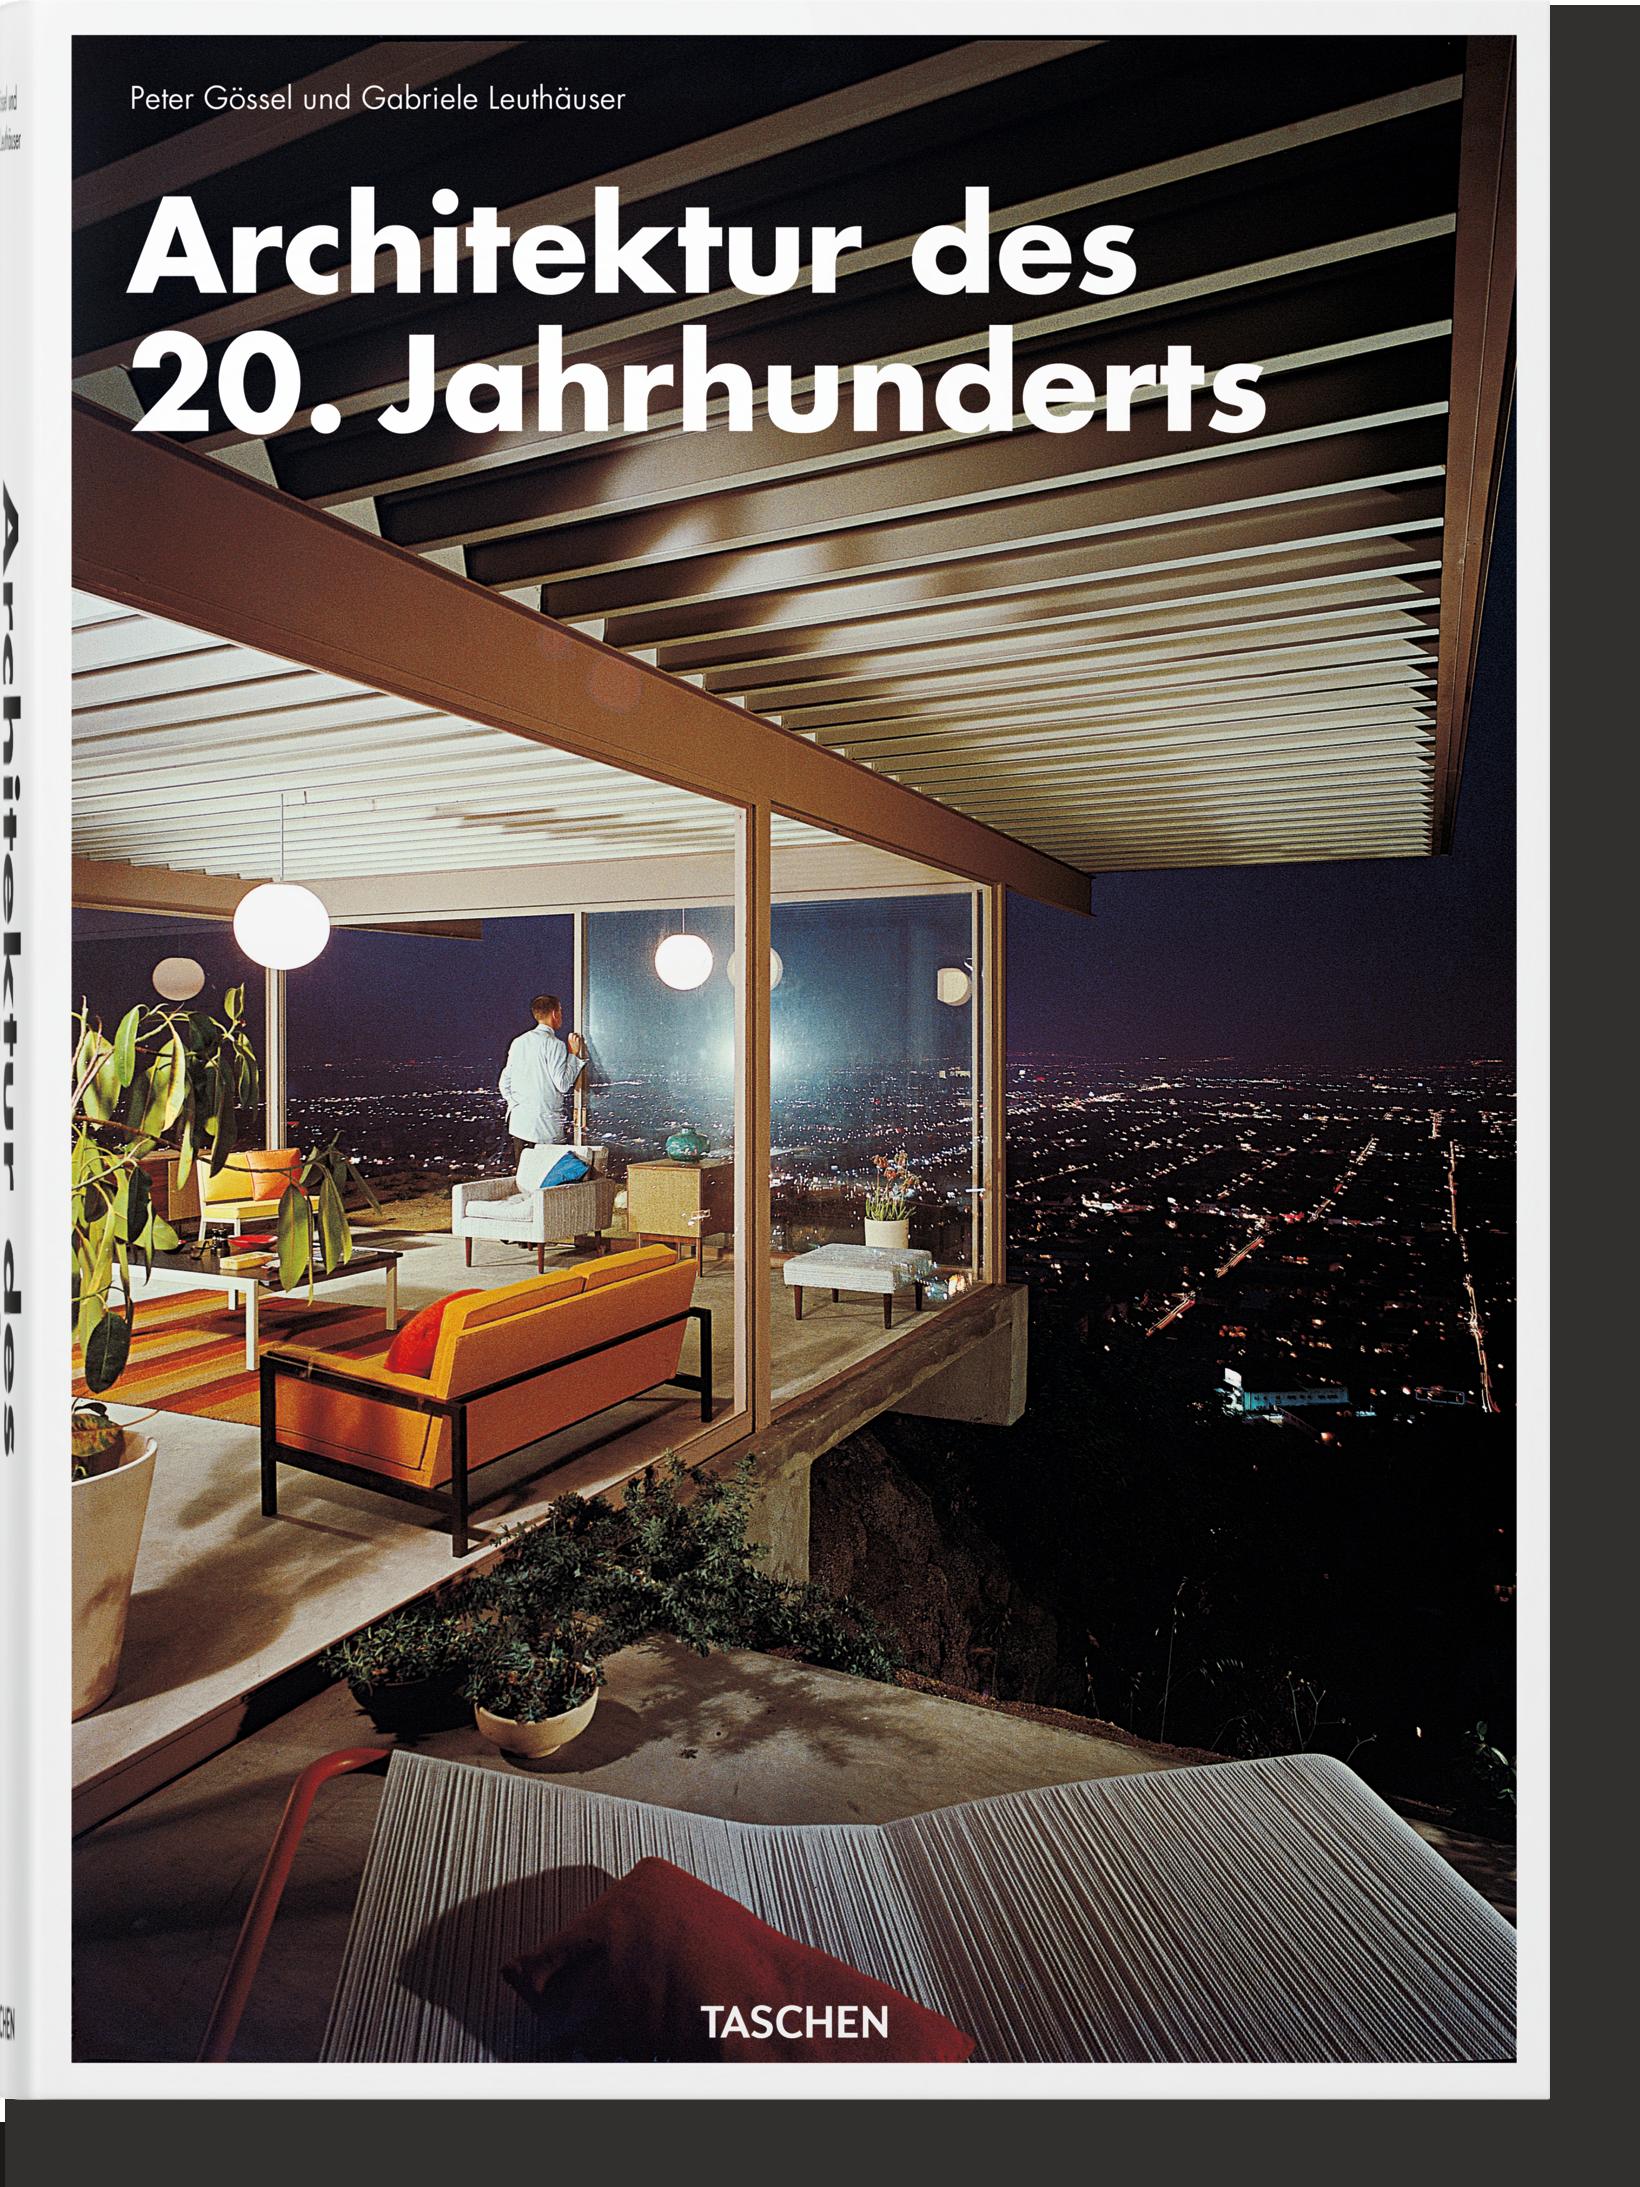 Taschen Verlag Architektur des 20. Jahrhunderts